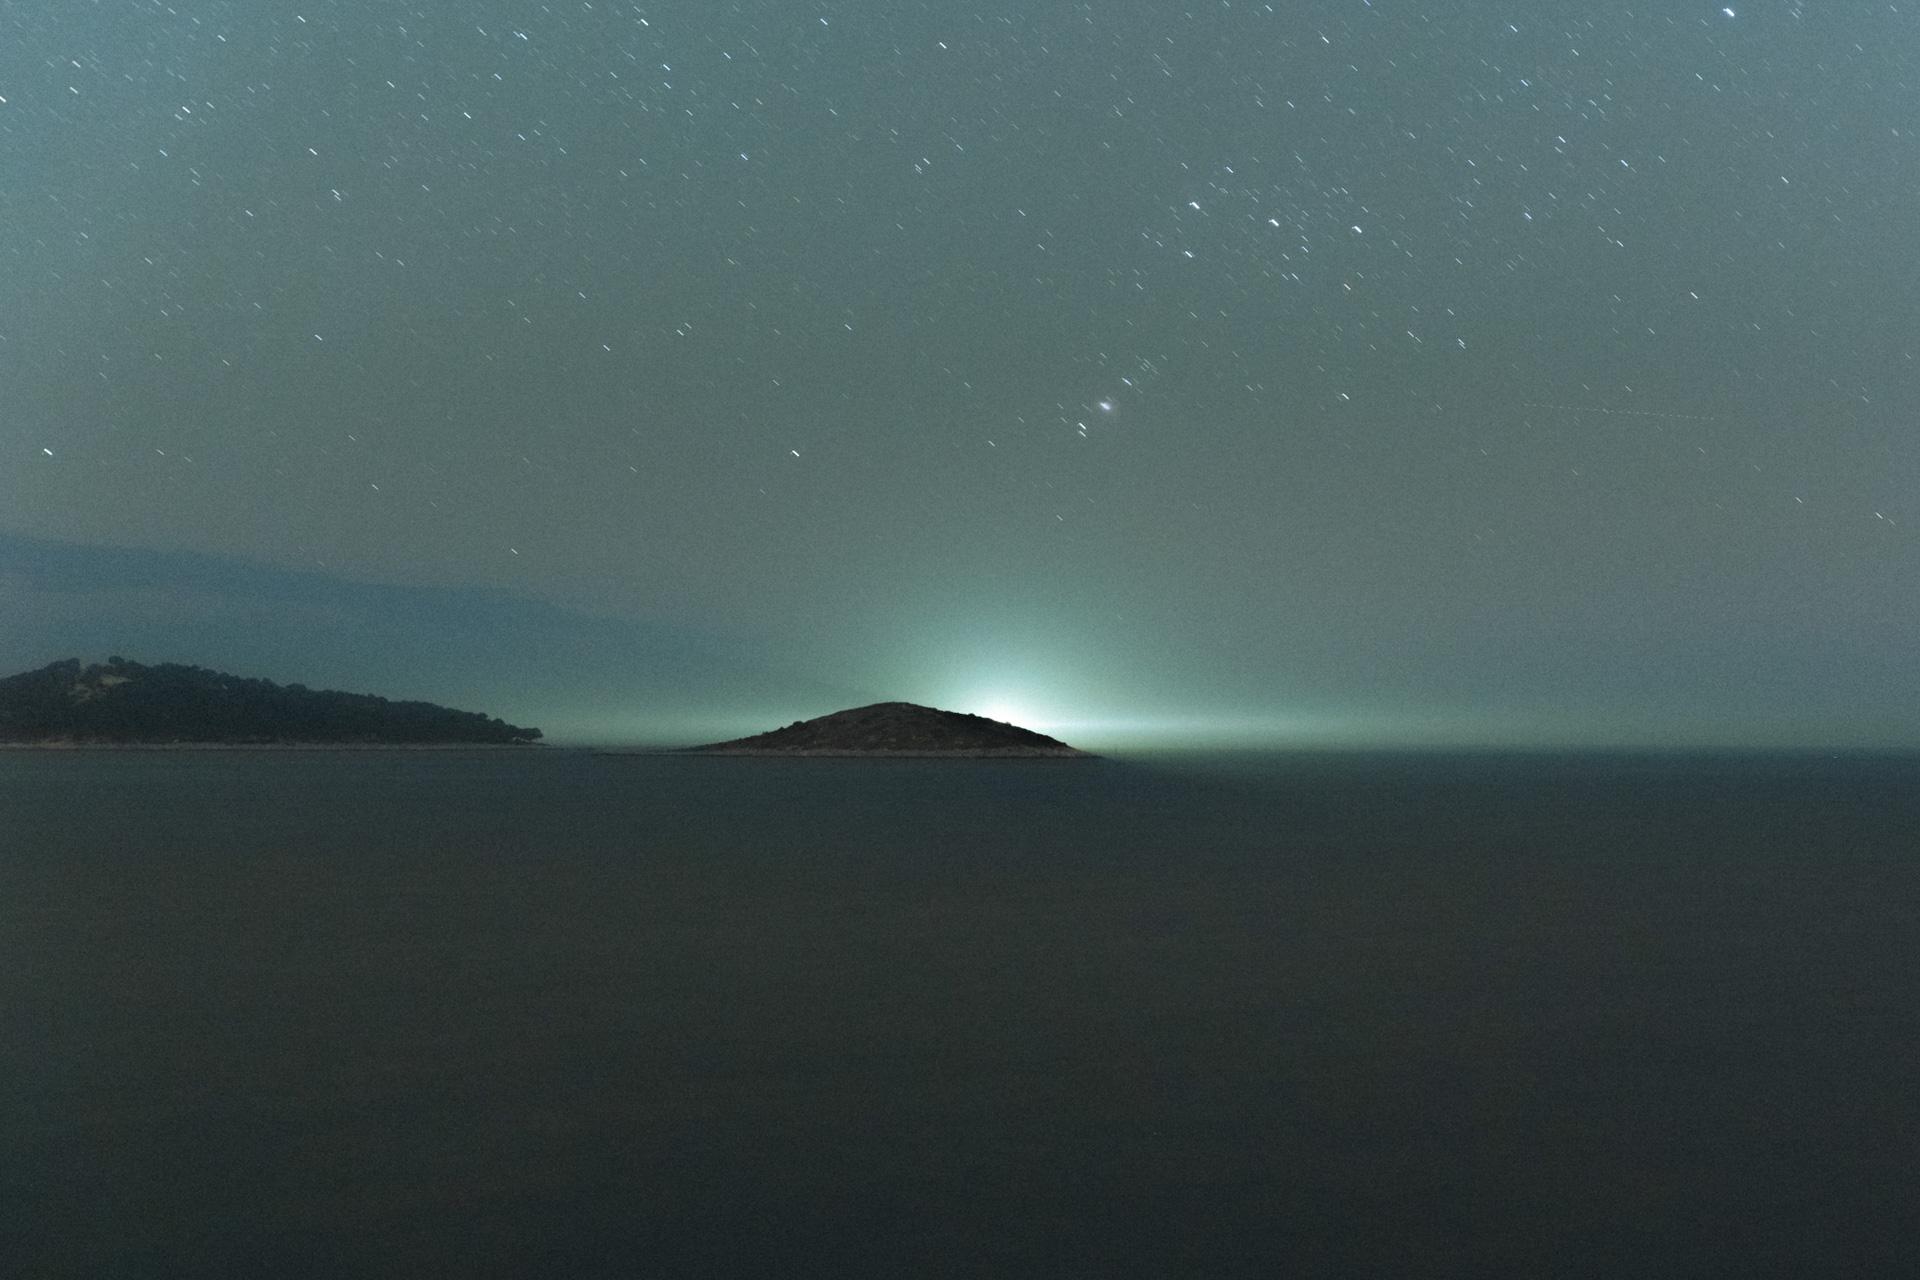 Sternhimmel mit Leuchtturm über dem Meer